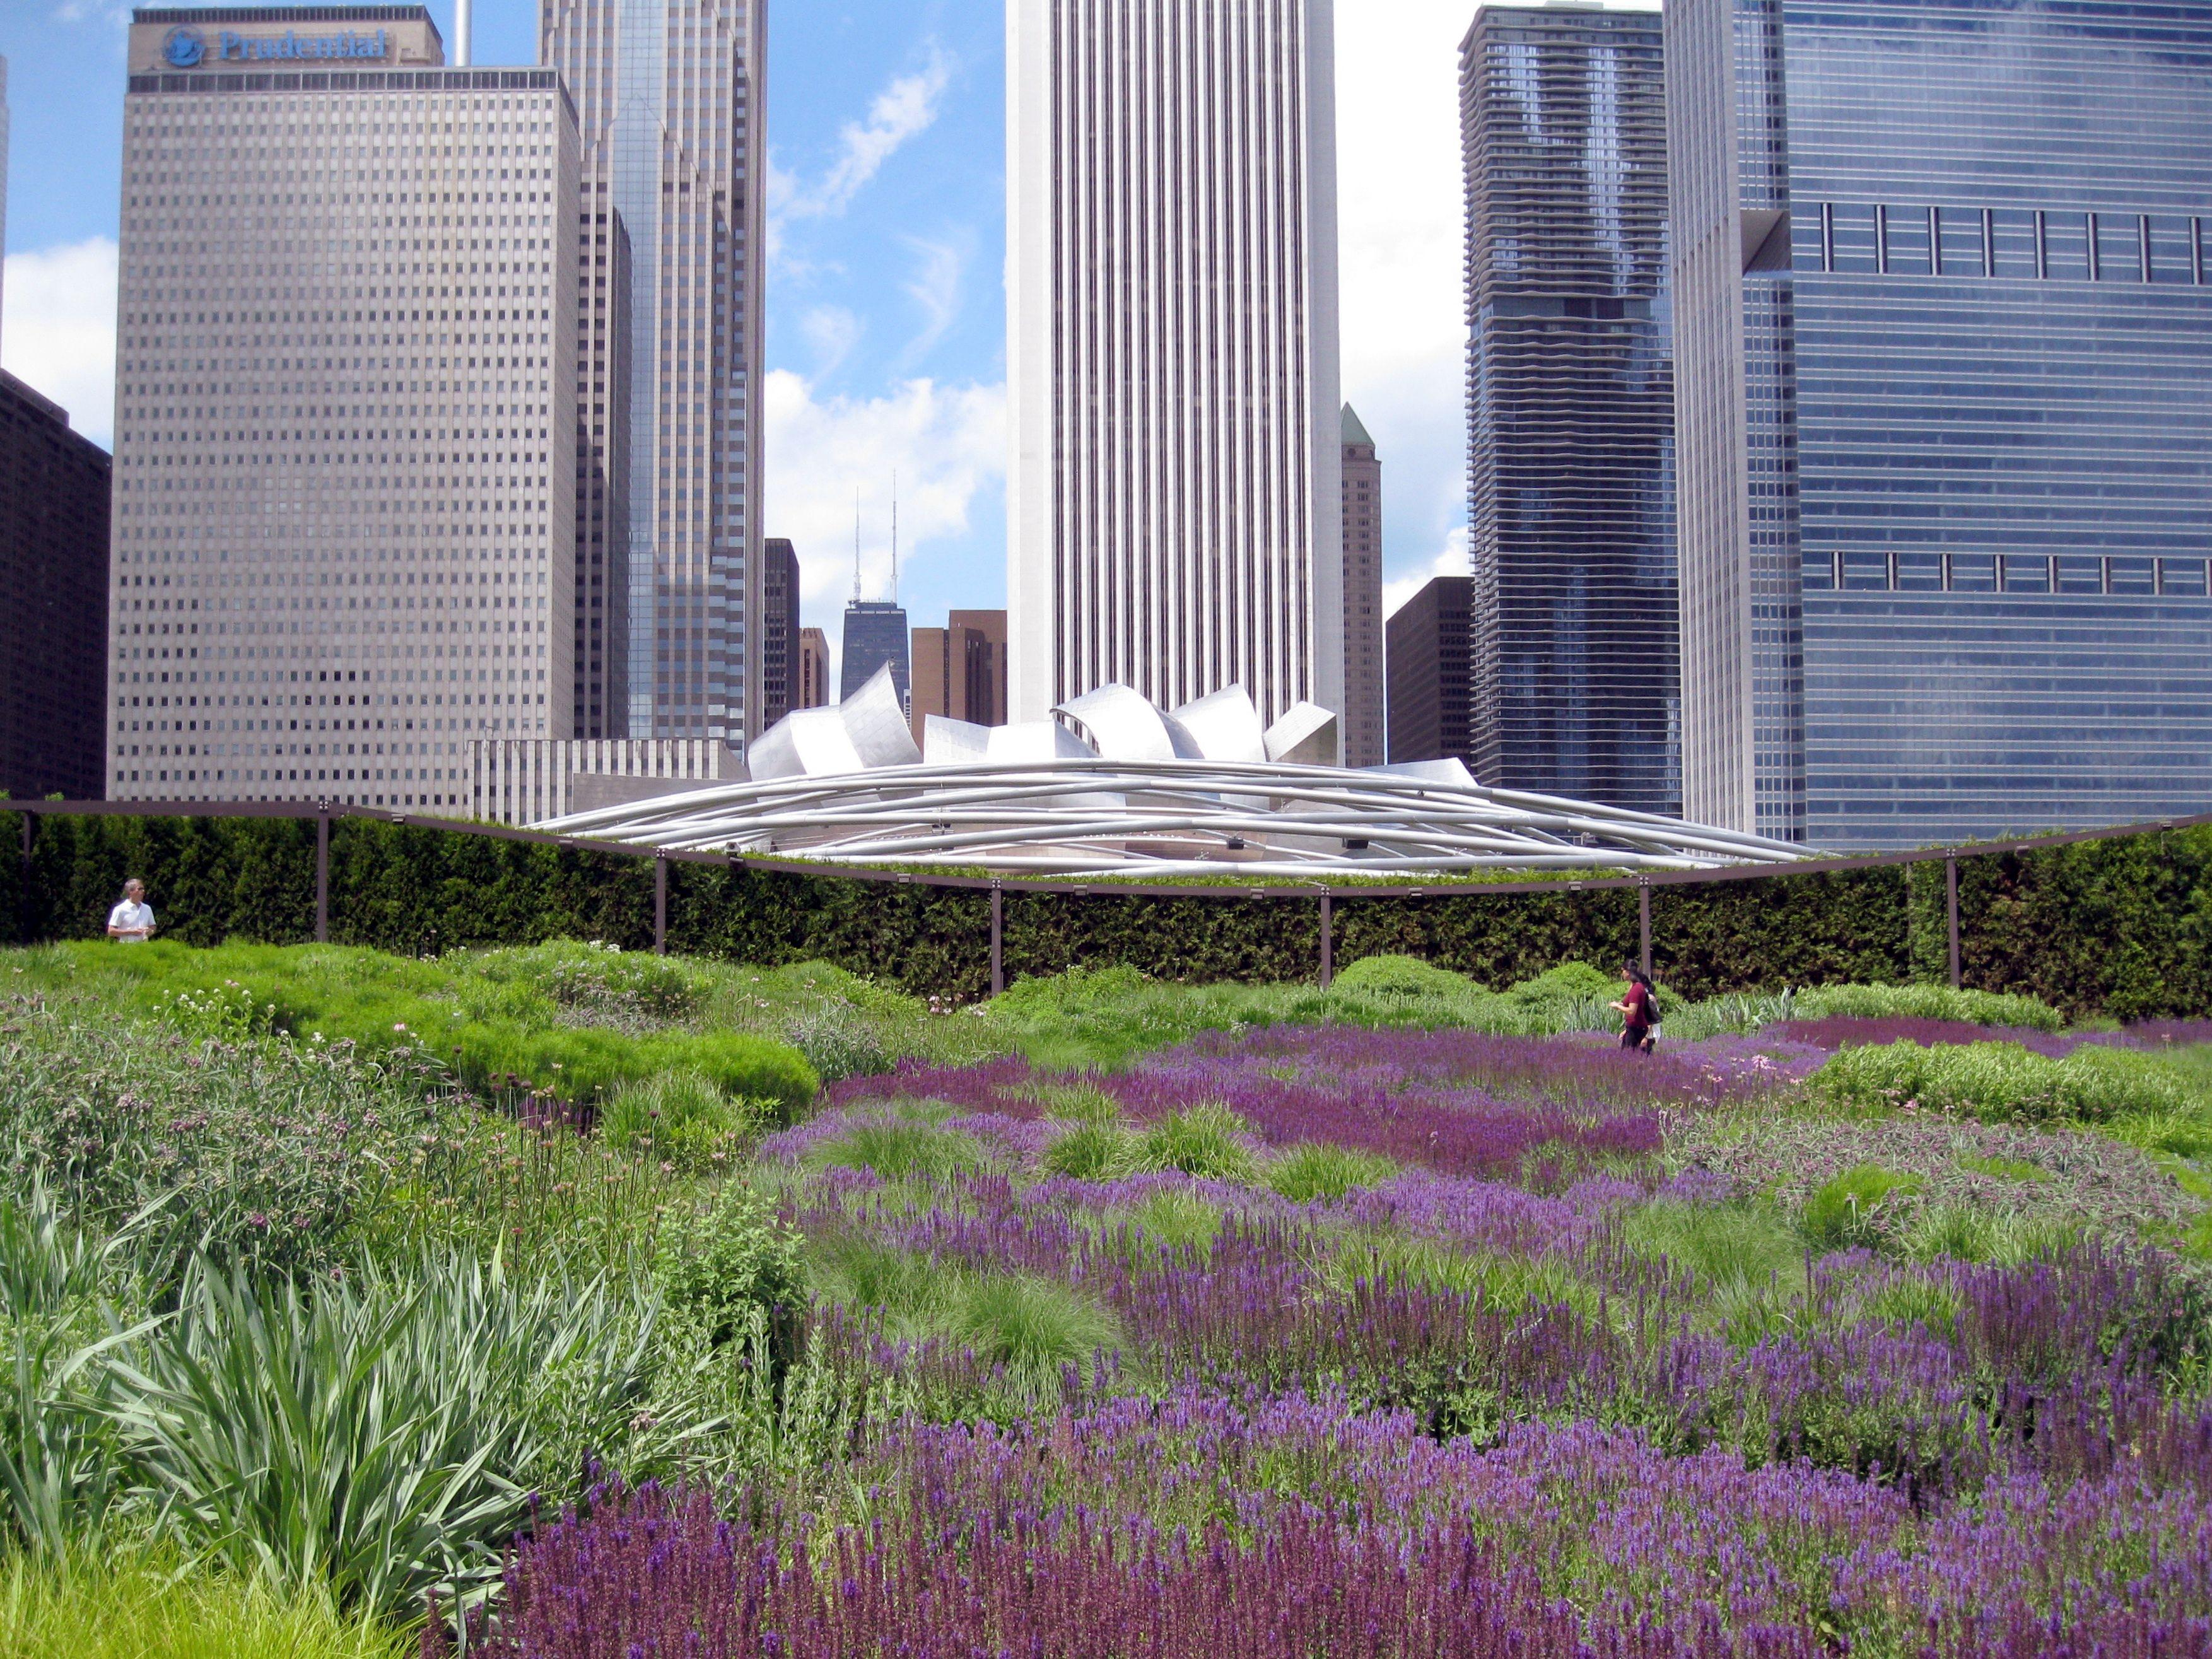 539 best landscape design images on pinterest landscaping